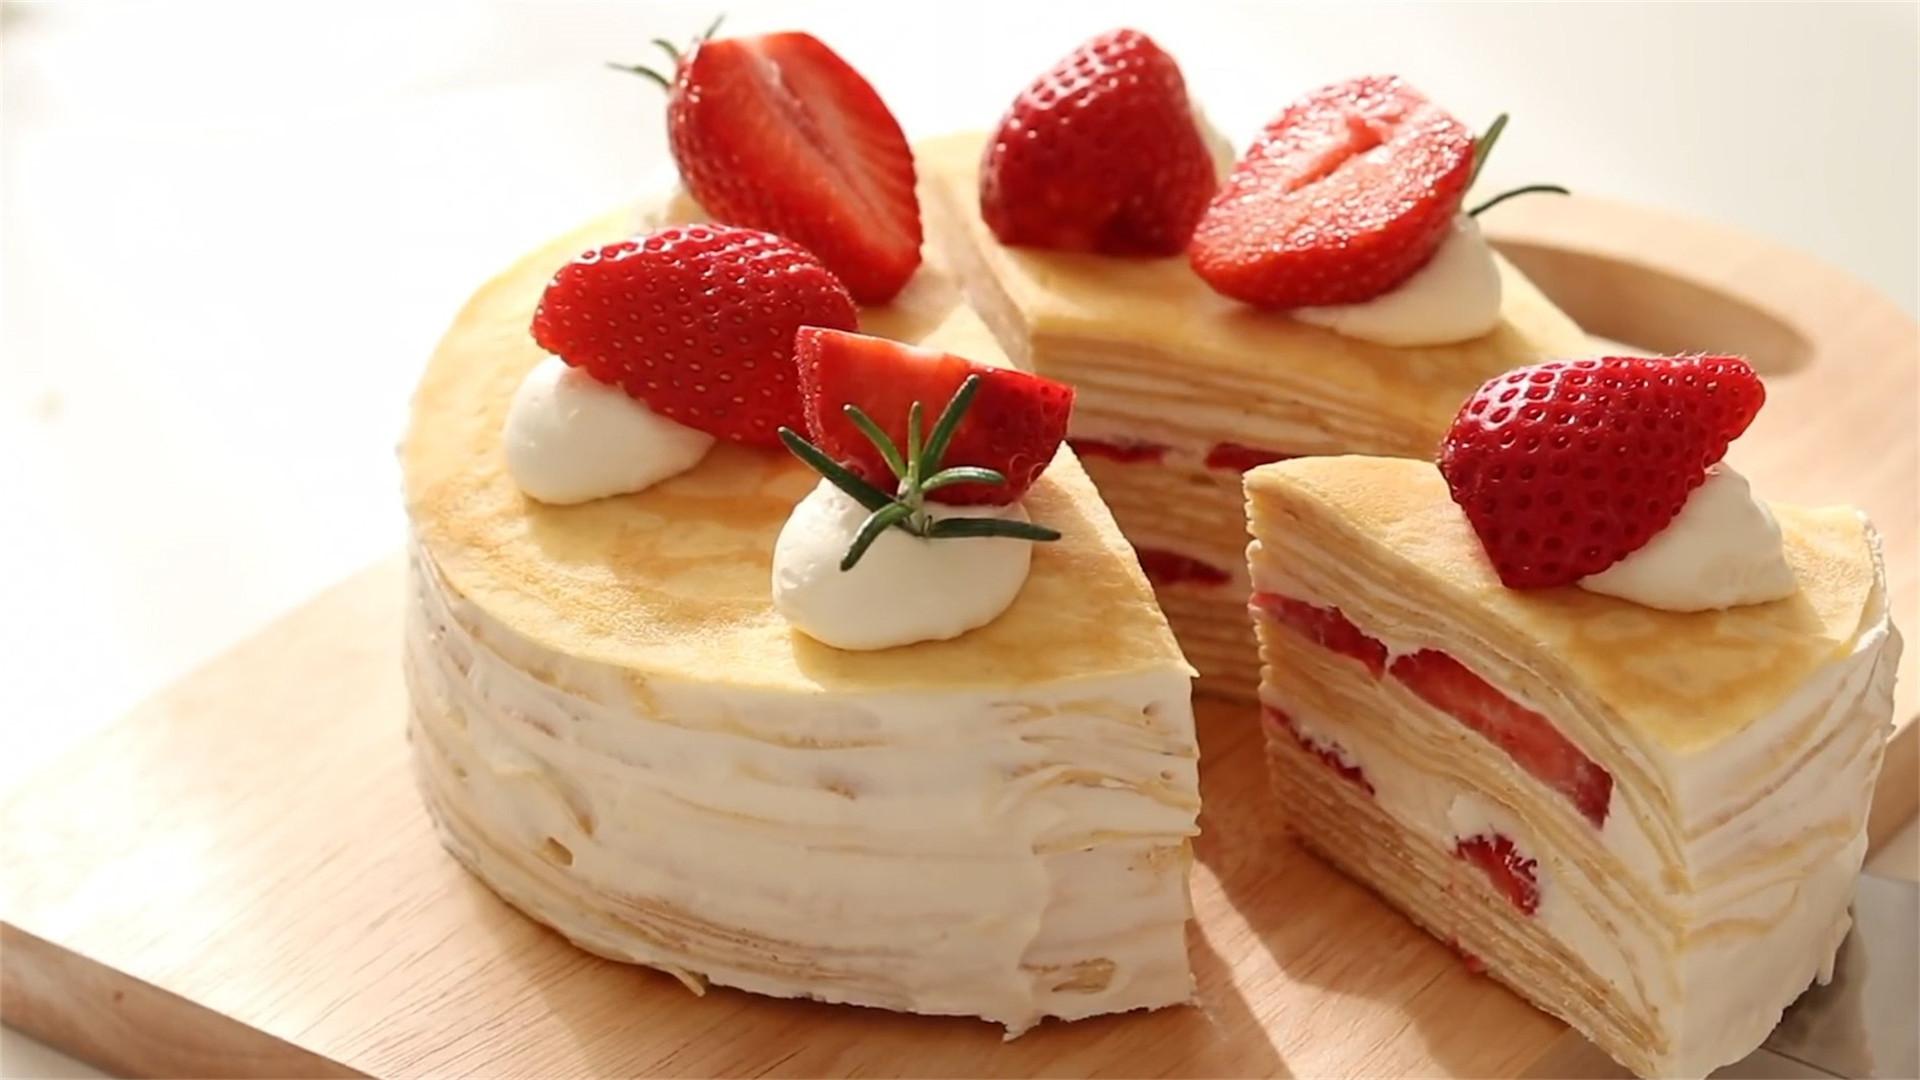 不用烤箱就能做的蛋糕来啦,步骤超级详细,可以跟着学哦